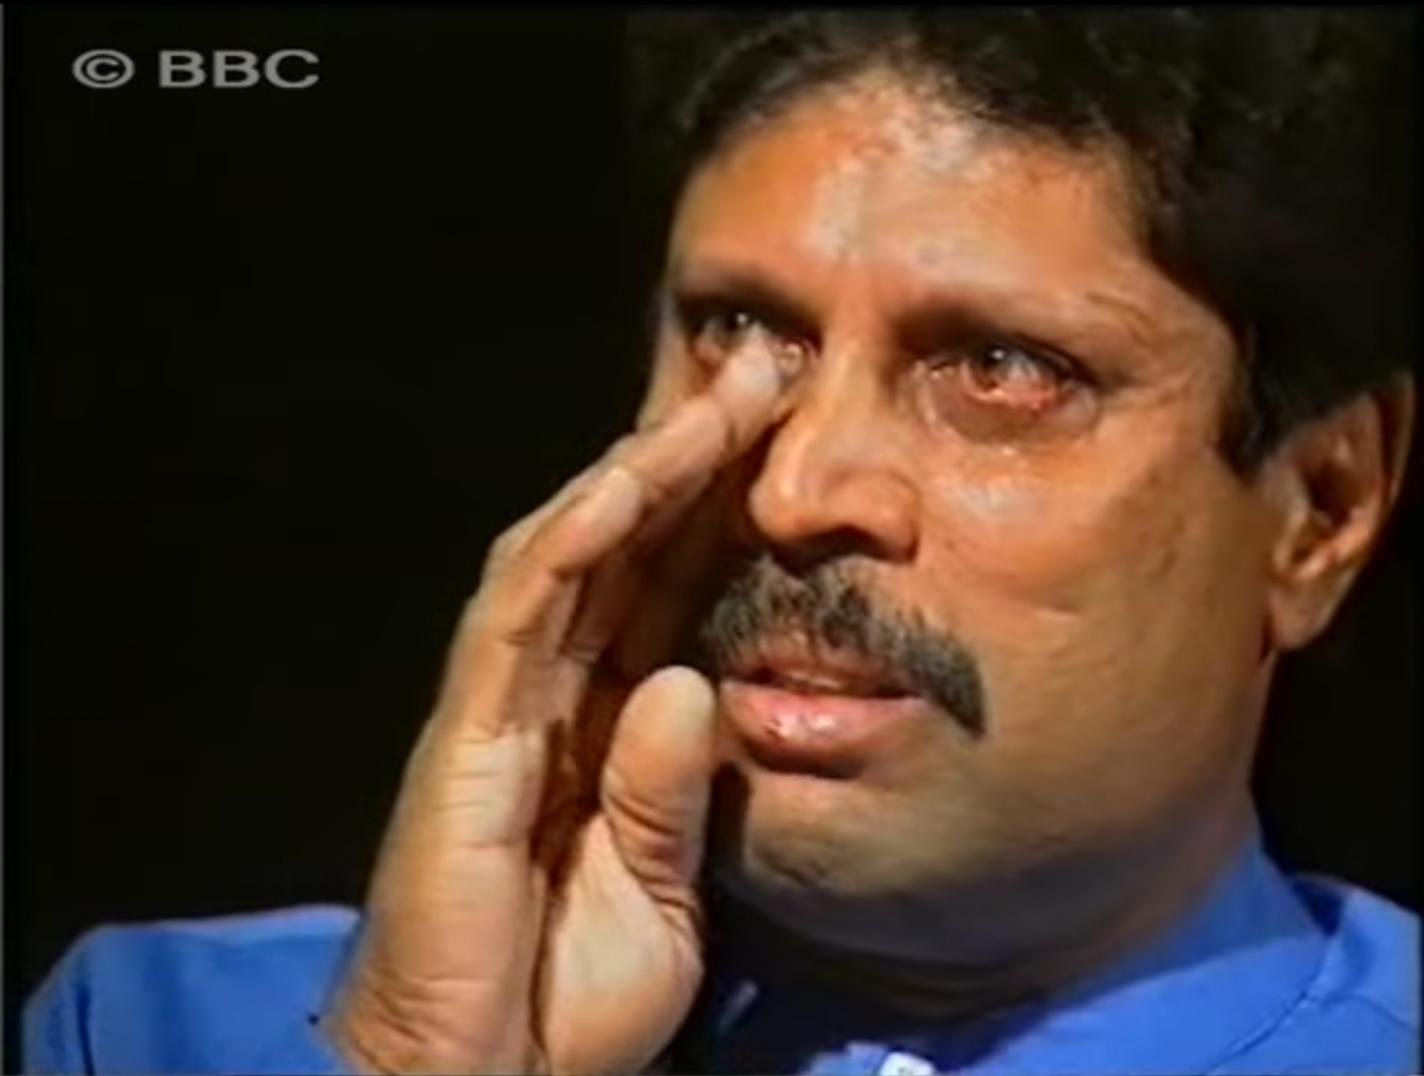 Cricketer Kapil Dev's interview with journalist Karan Thapar in 2000.